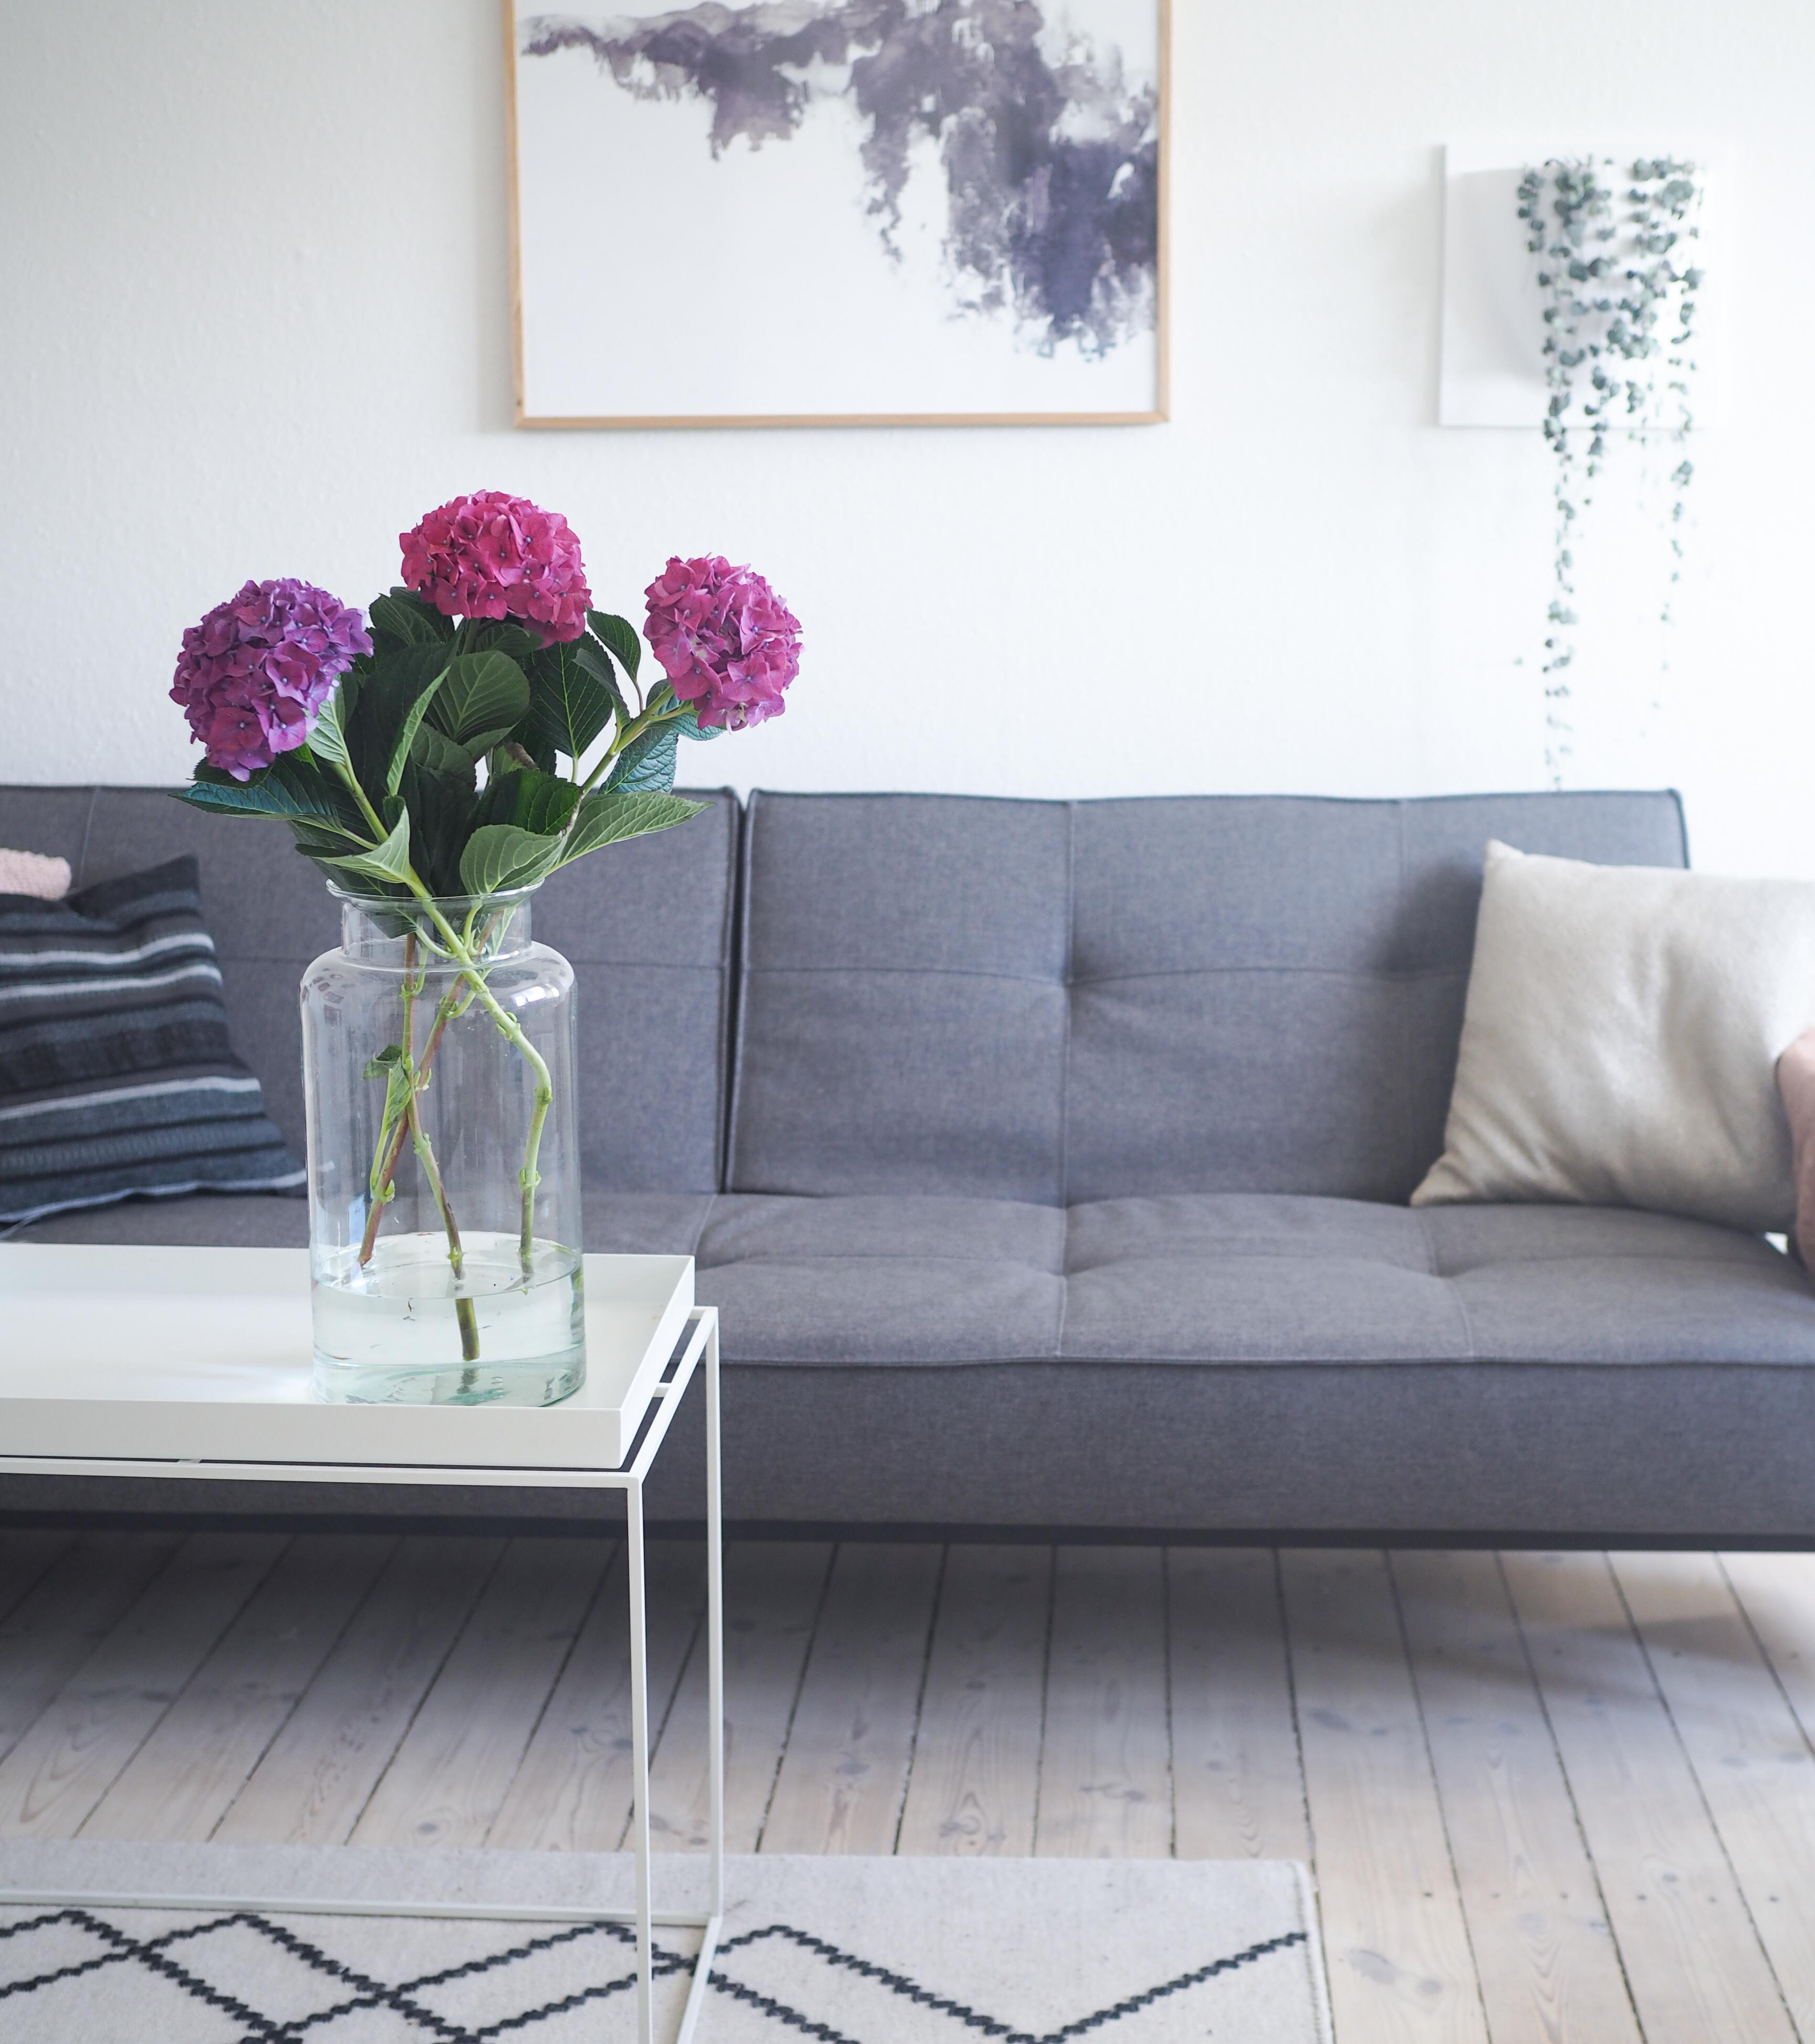 blomster og hjemmekontor. Arbejde hjemmefra i sin egen stue med hortensia og hygge